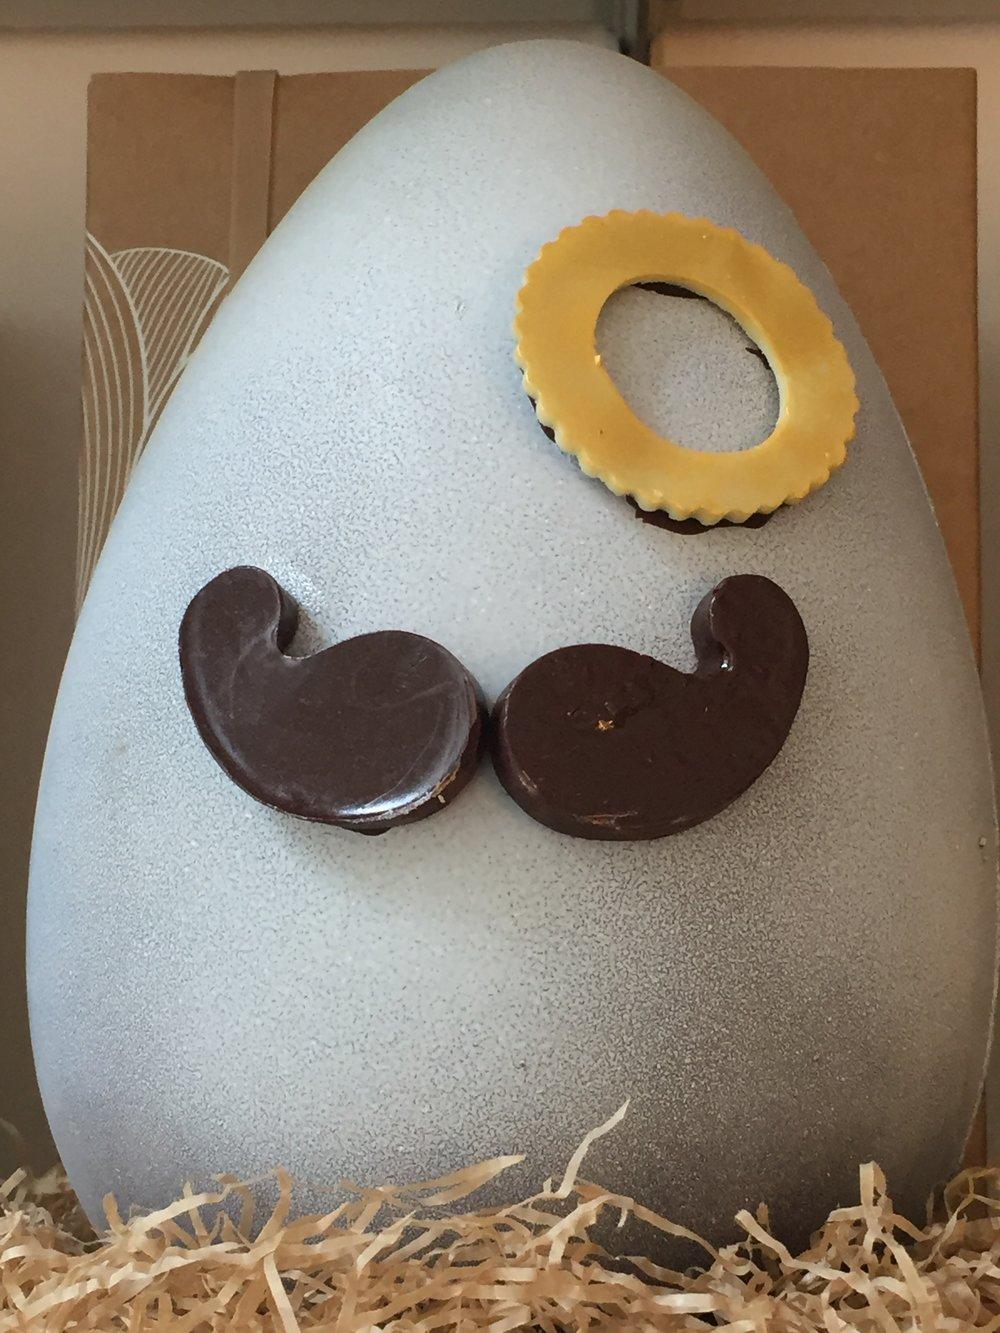 Colonel Egghead